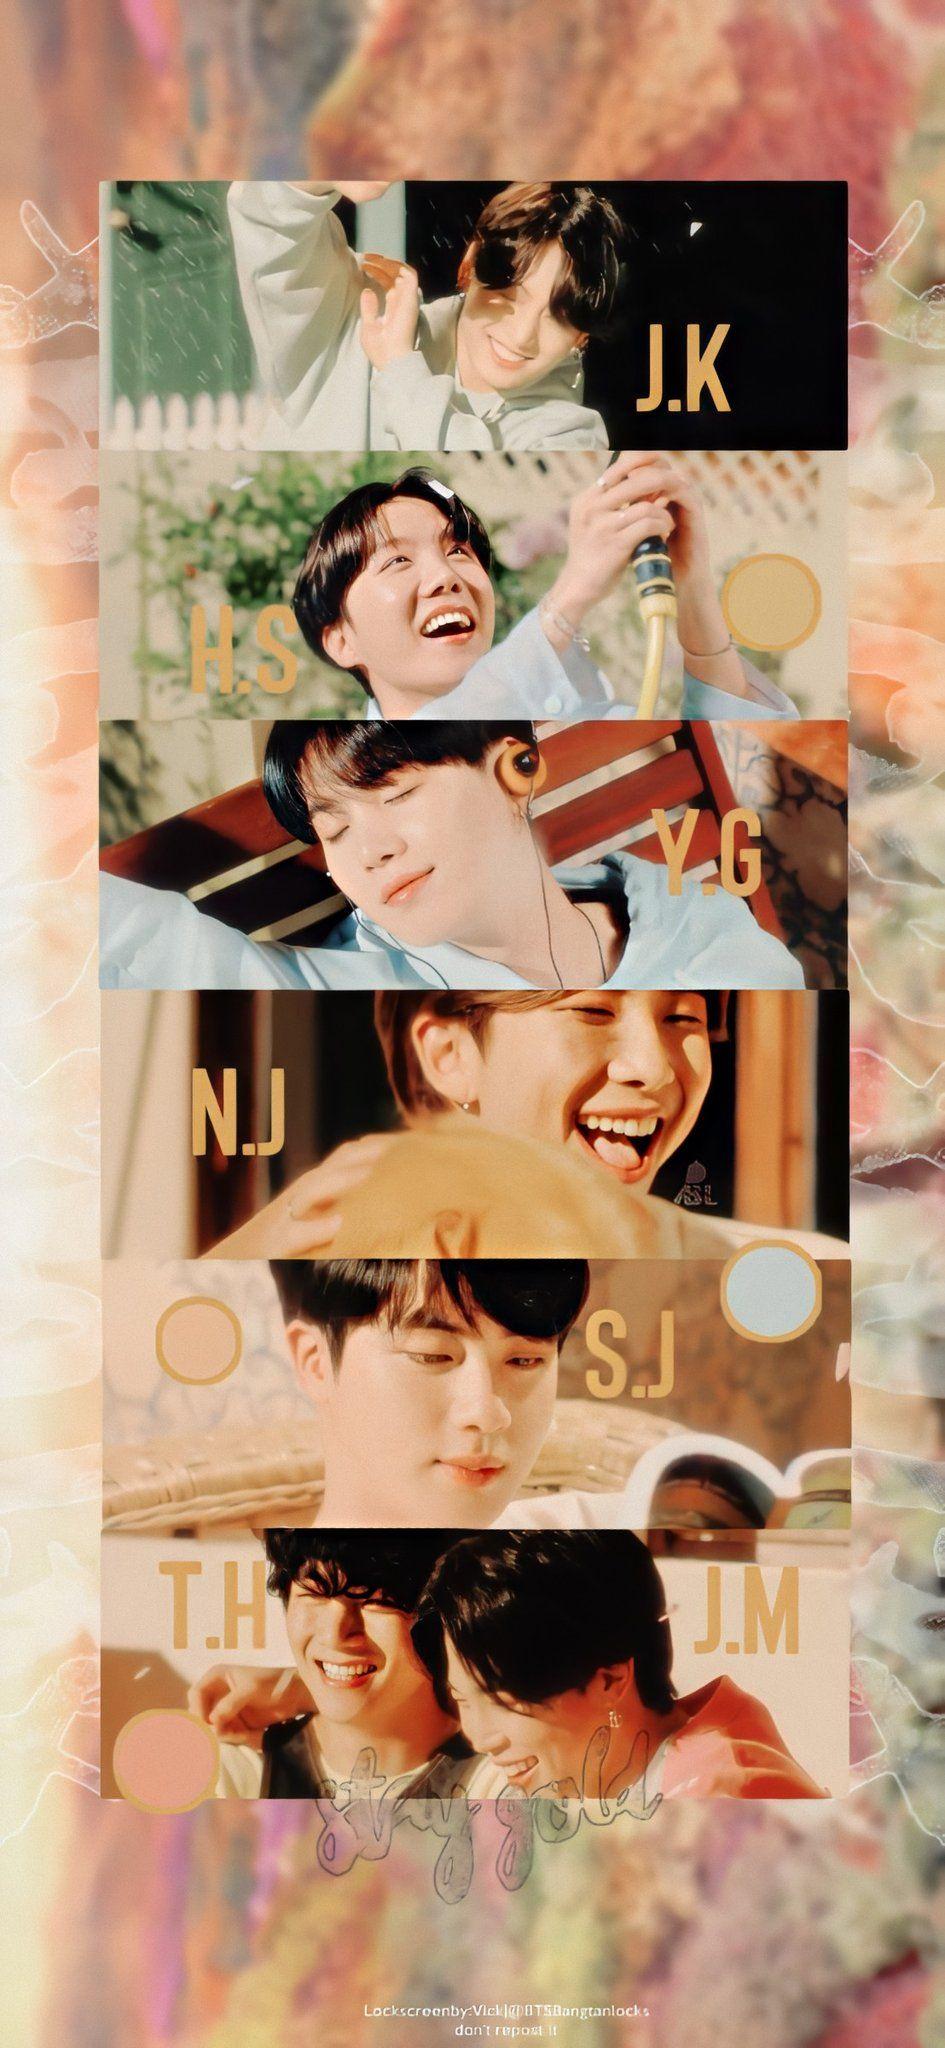 Bts Wallpaper Bts Wallpaper Bts Lockscreen Bts Bts wallpaper yoonkook lockscreen